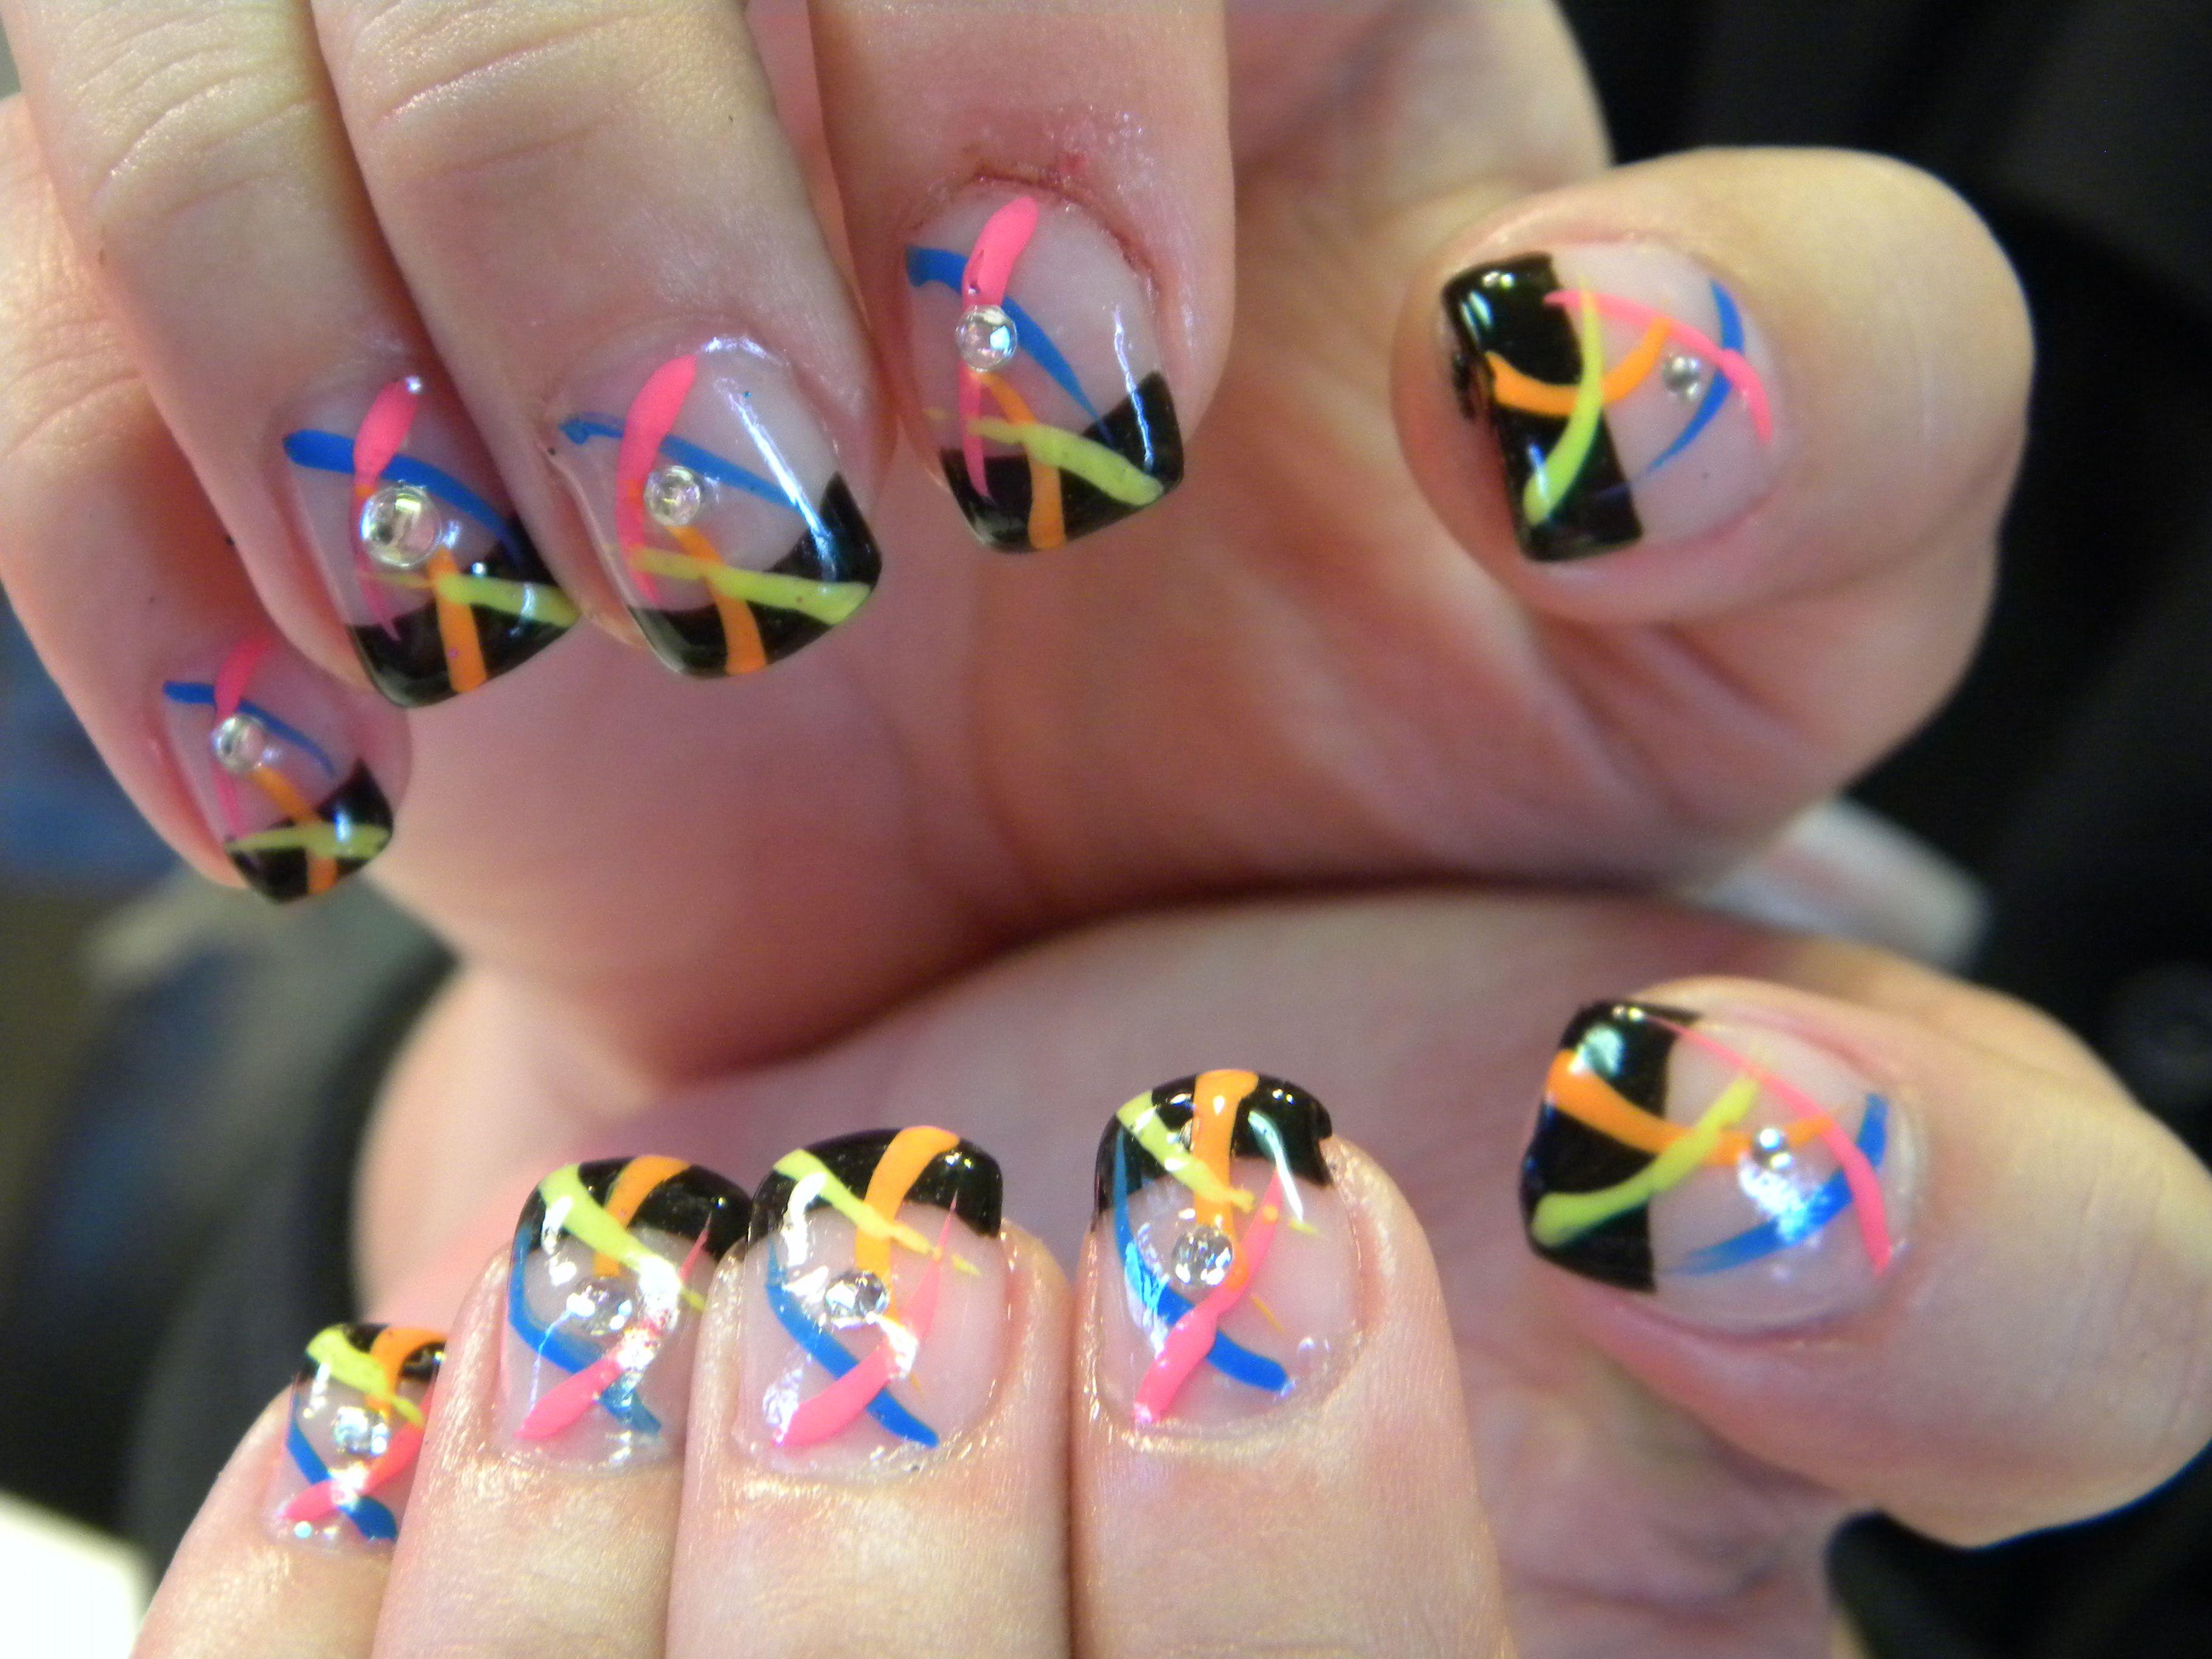 Freehand Nail Art | Nail Art Kit Free Hand Designs | Nail art ...